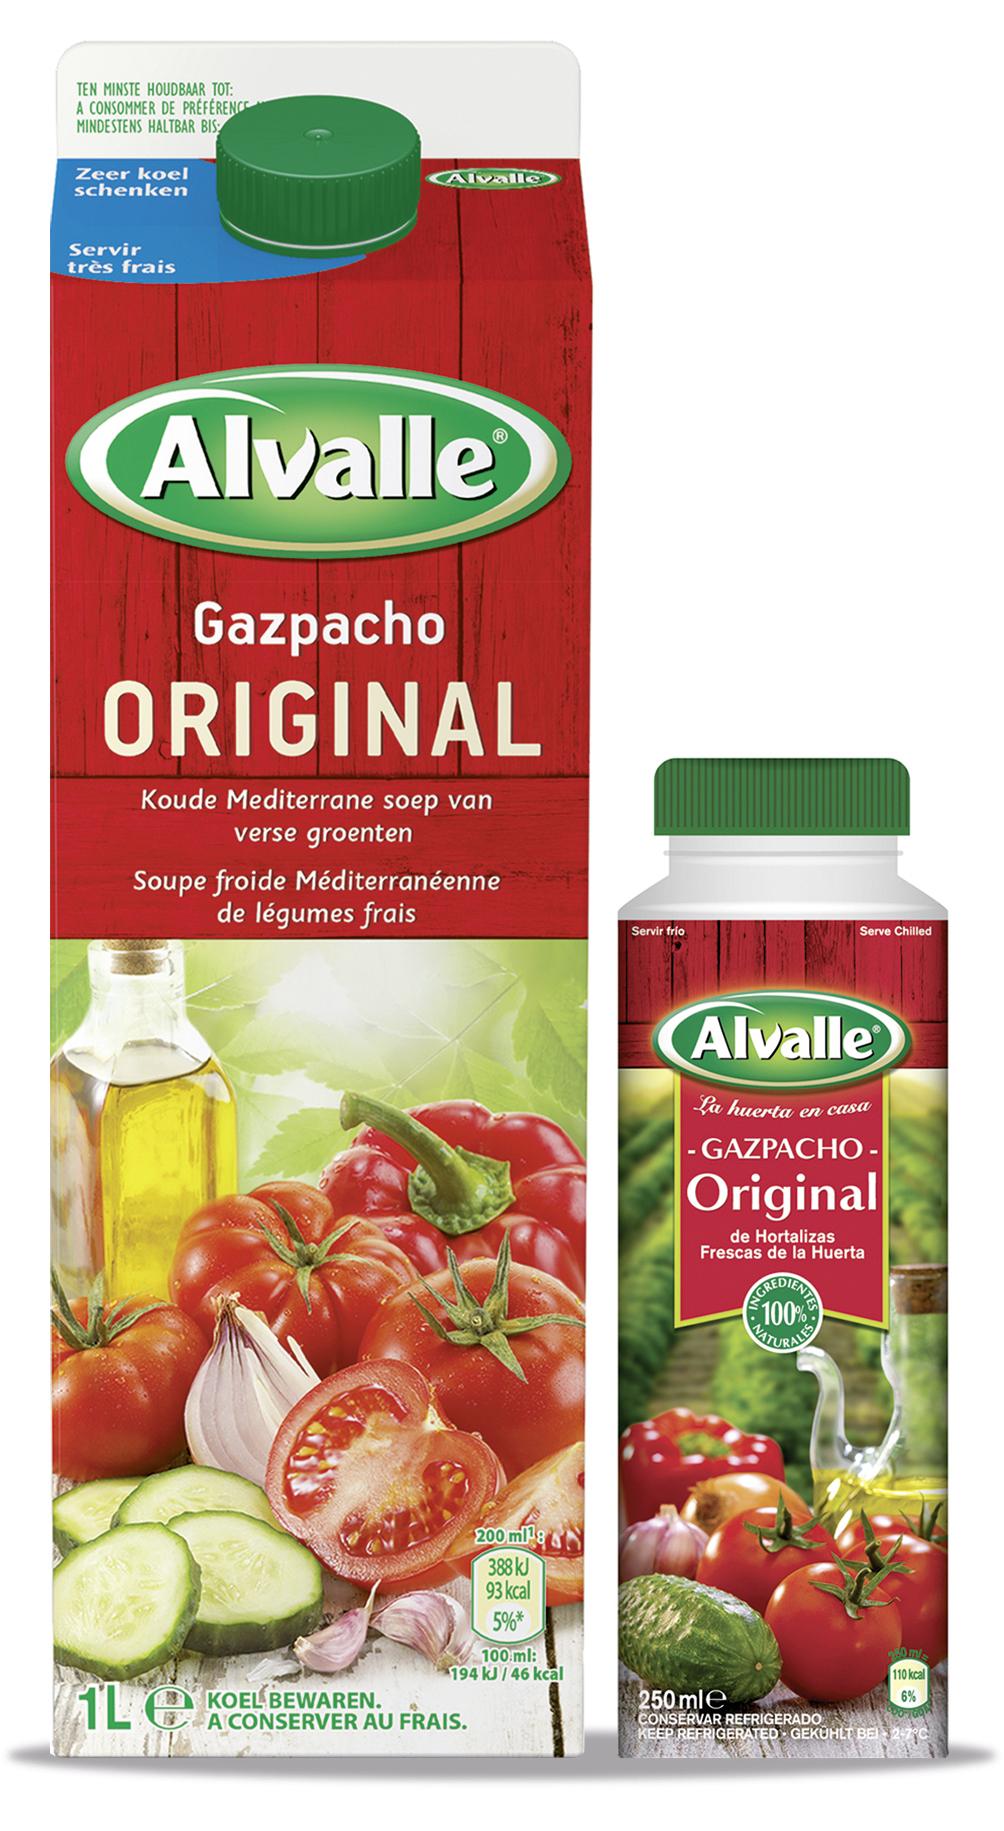 alvalle gazpacho original die erste k hlpflichtige gazpacho in deutschland. Black Bedroom Furniture Sets. Home Design Ideas